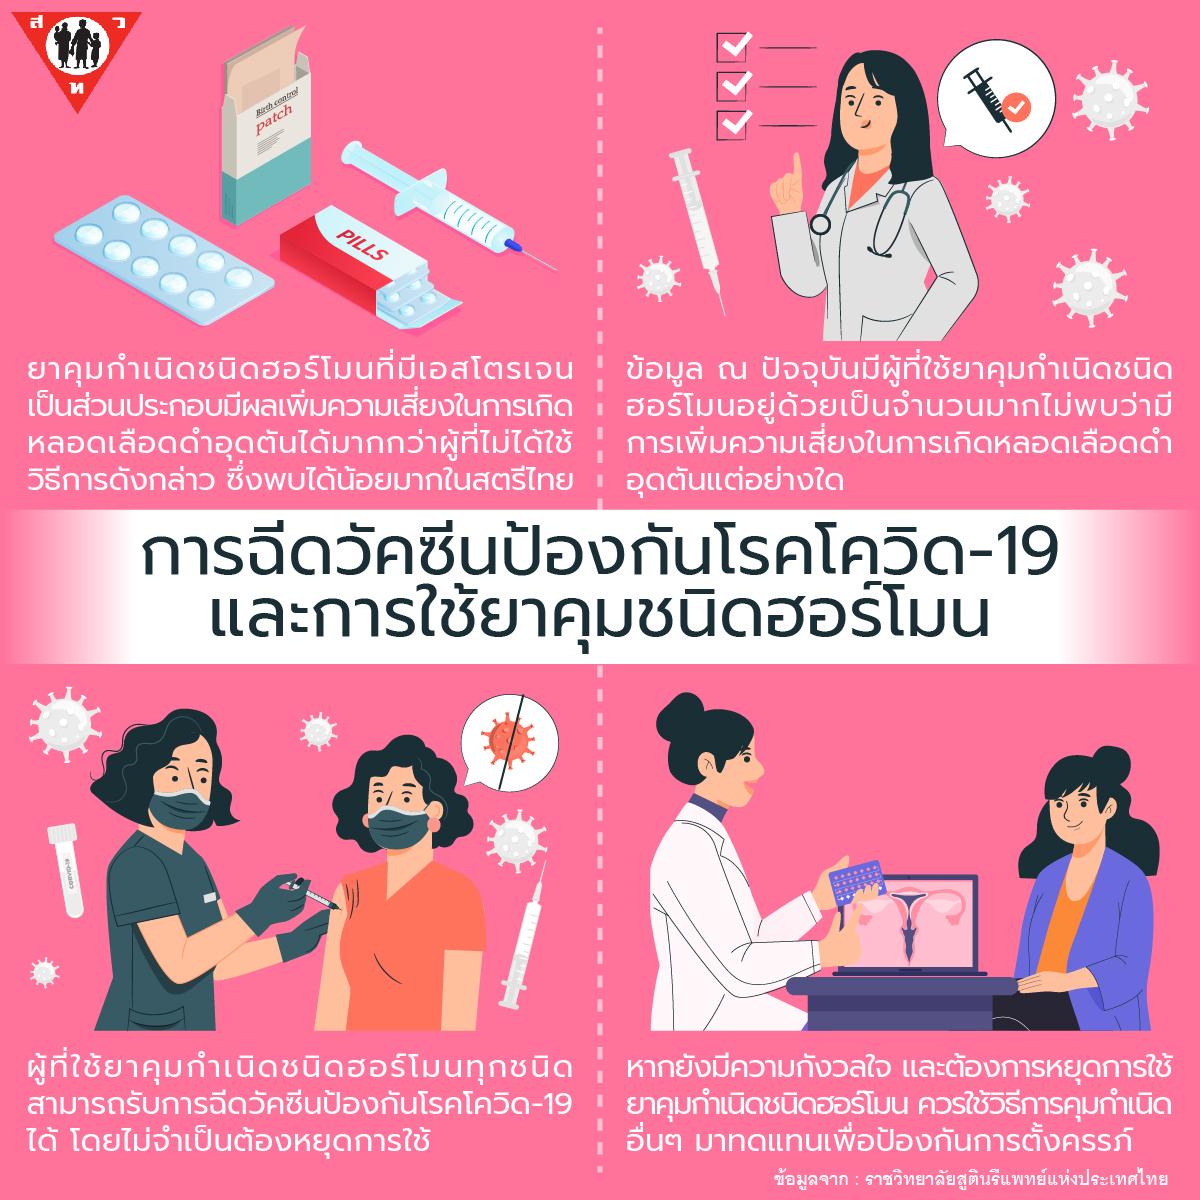 การฉีดวัคซีนป้องกันโรคโควิด-19-และ-การใช้ยาคุมชนิดฮอร์โมน-01